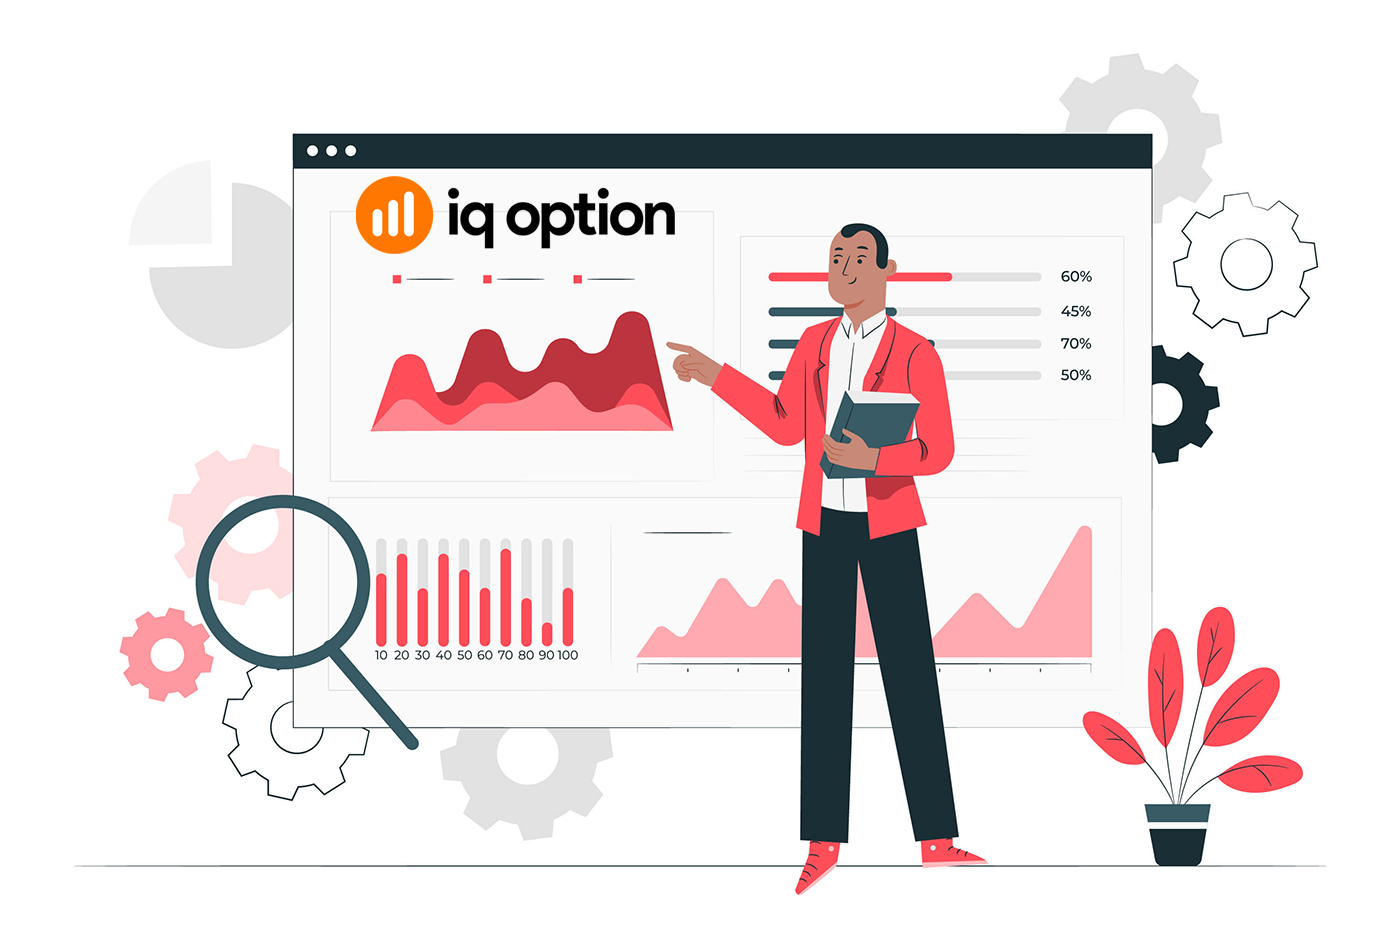 2021 में IQ Option ट्रेडिंग कैसे शुरू करें: शुरुआती के लिए एक चरण-दर-चरण मार्गदर्शिका